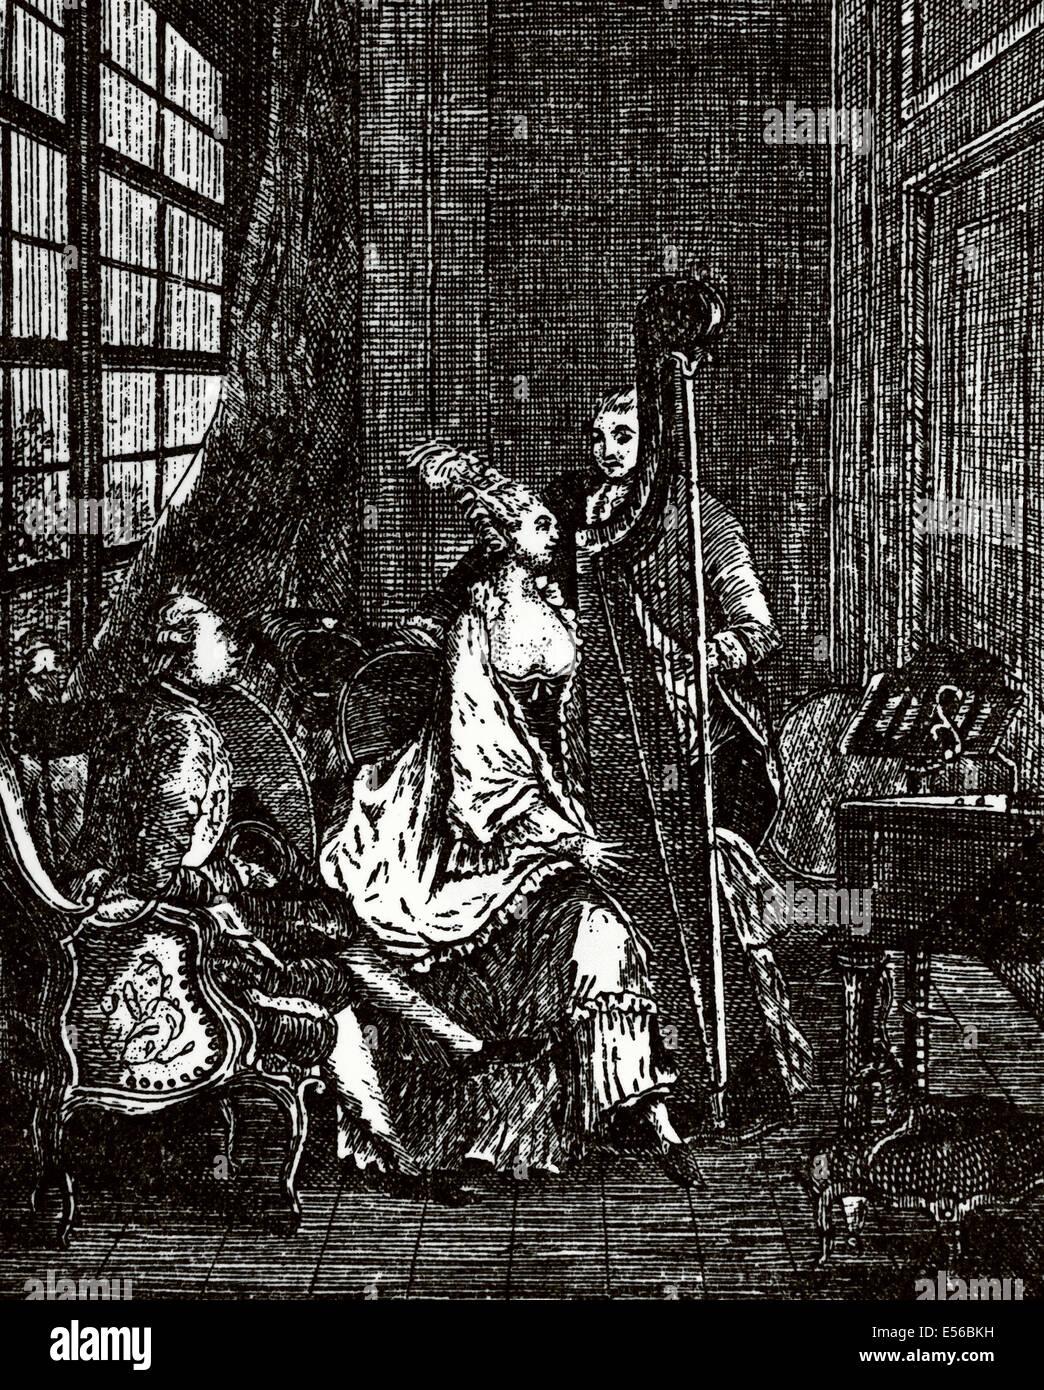 La società. Il XVIII secolo. Musicista. Arpista. Incisione. Immagini Stock